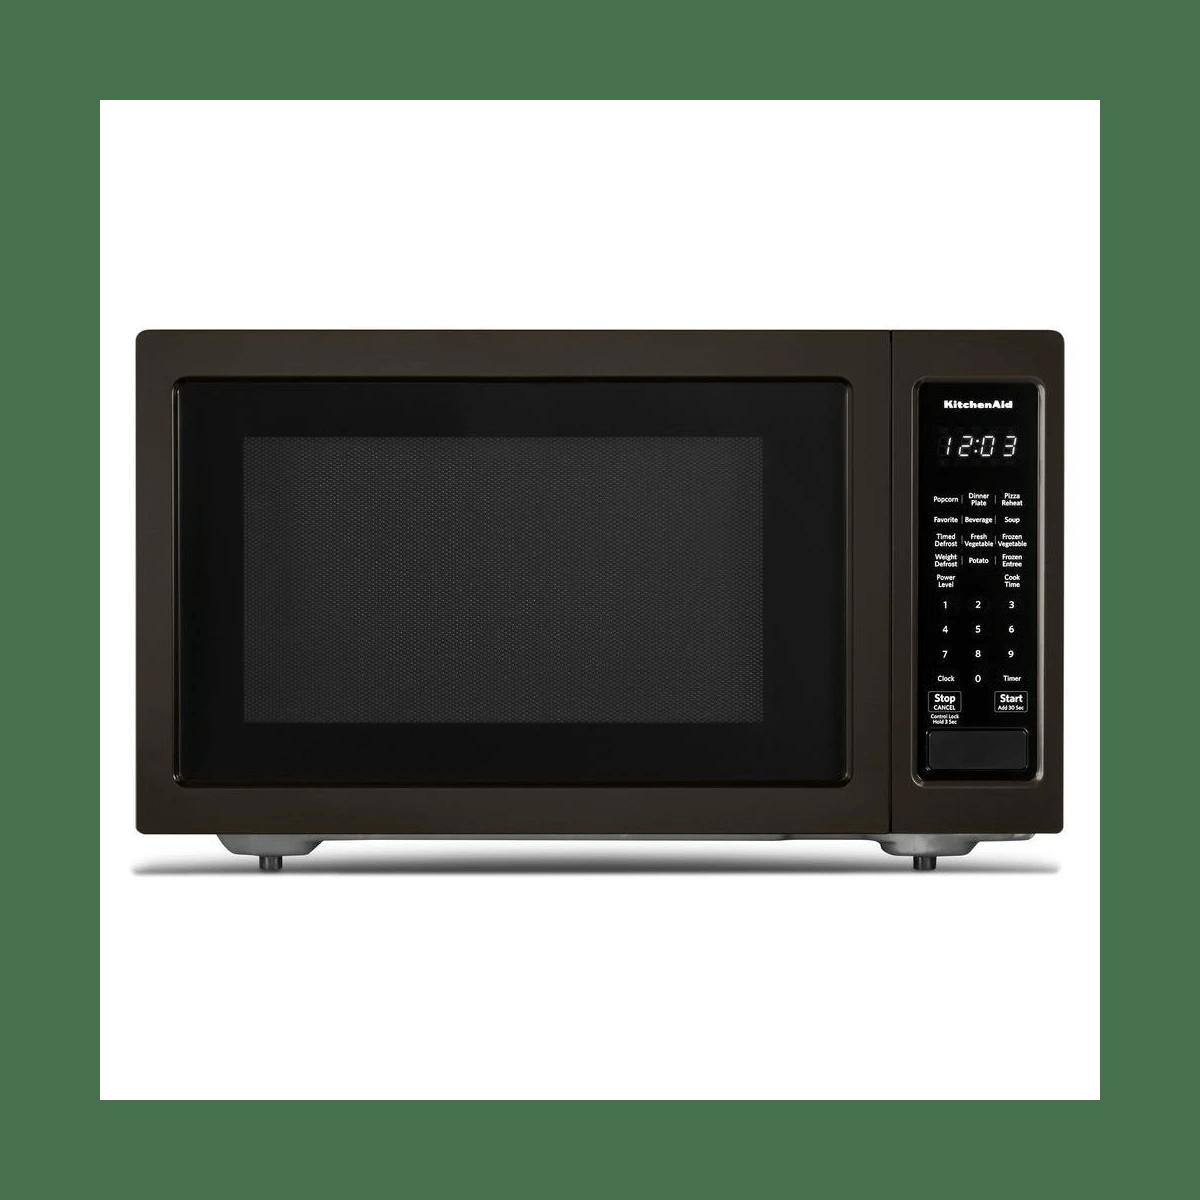 kitchenaid kmcs1016g